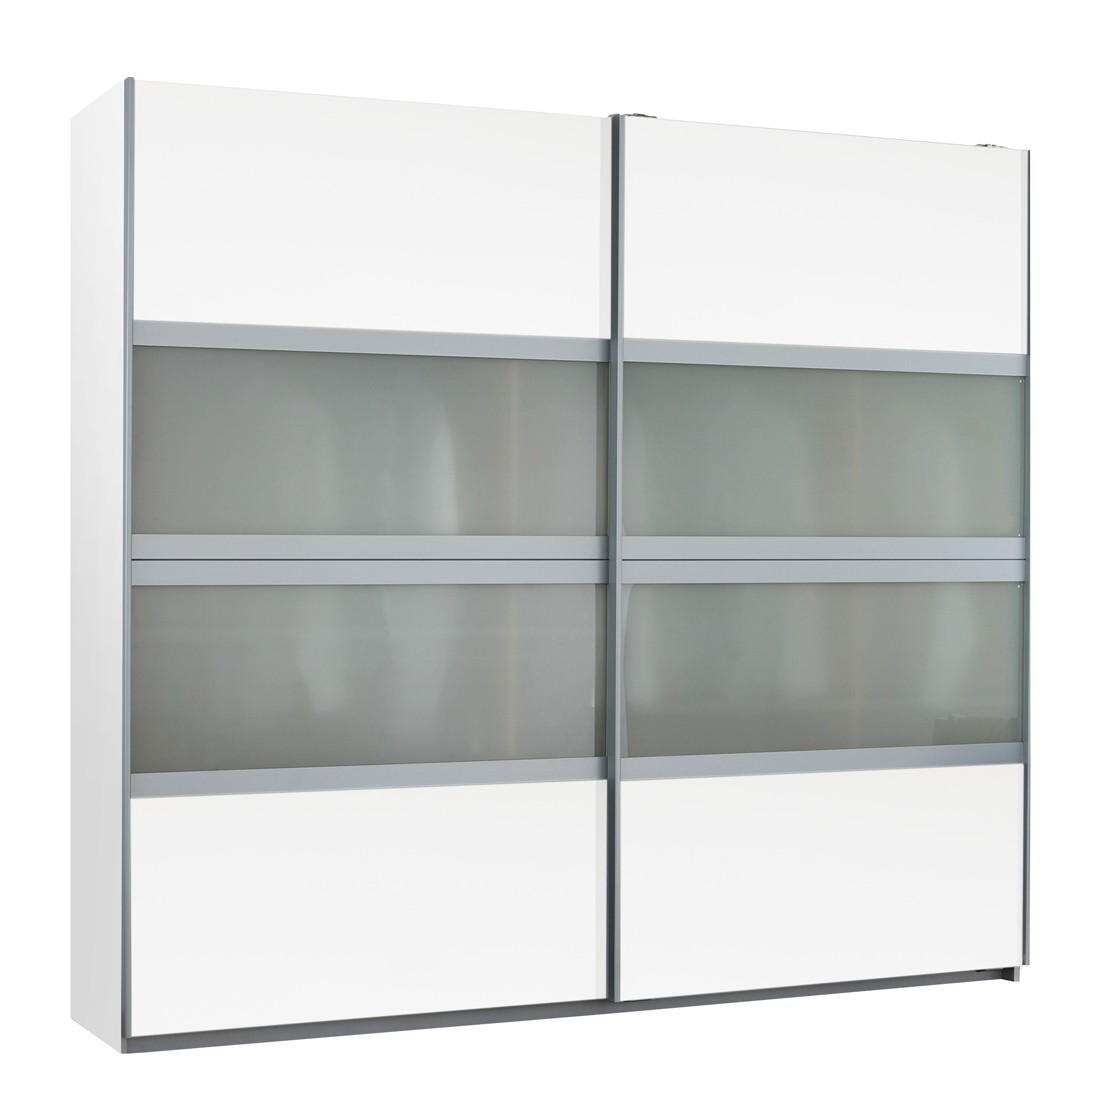 Mehrzweckschrank Kuche Ikea Drehturenschrank Vanity Mit Spiegel Alpinweiss